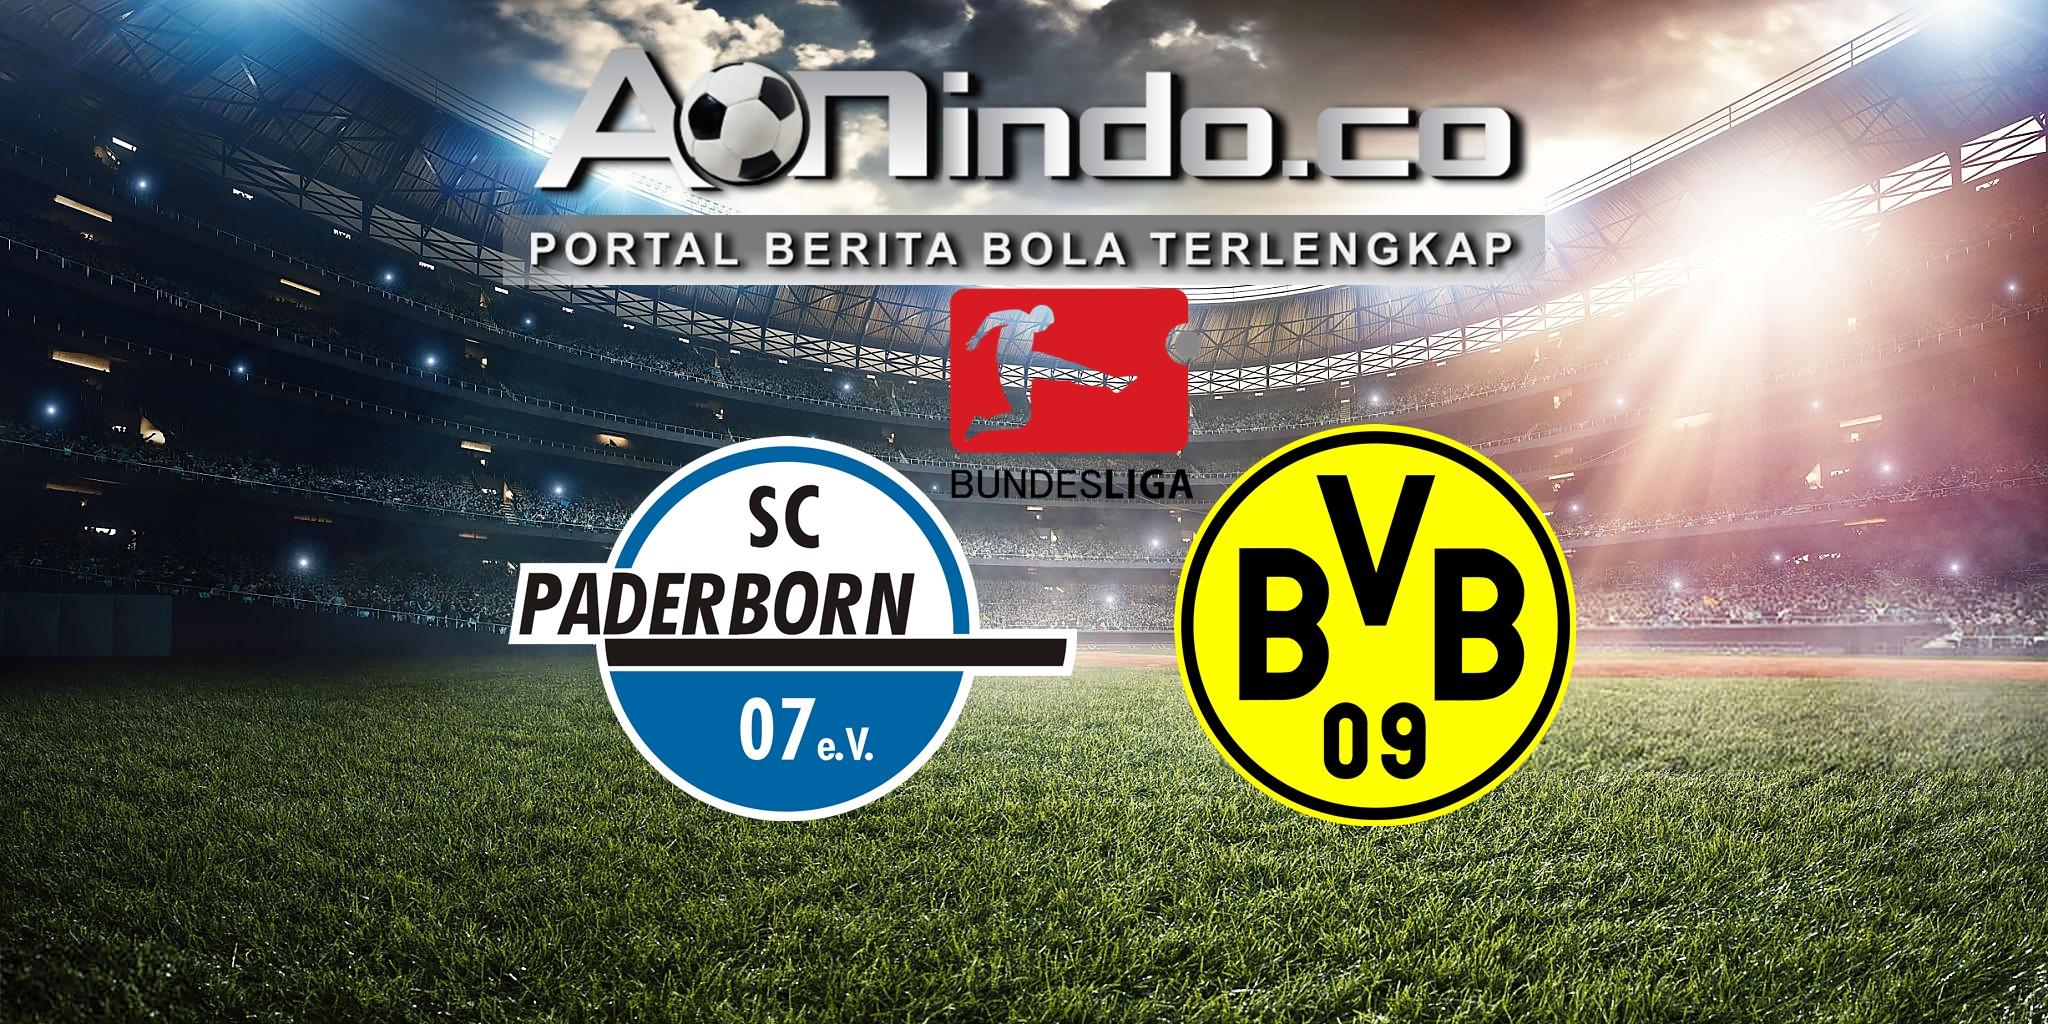 Prediksi Skor Paderborn 07 Vs Borussia Dortmund